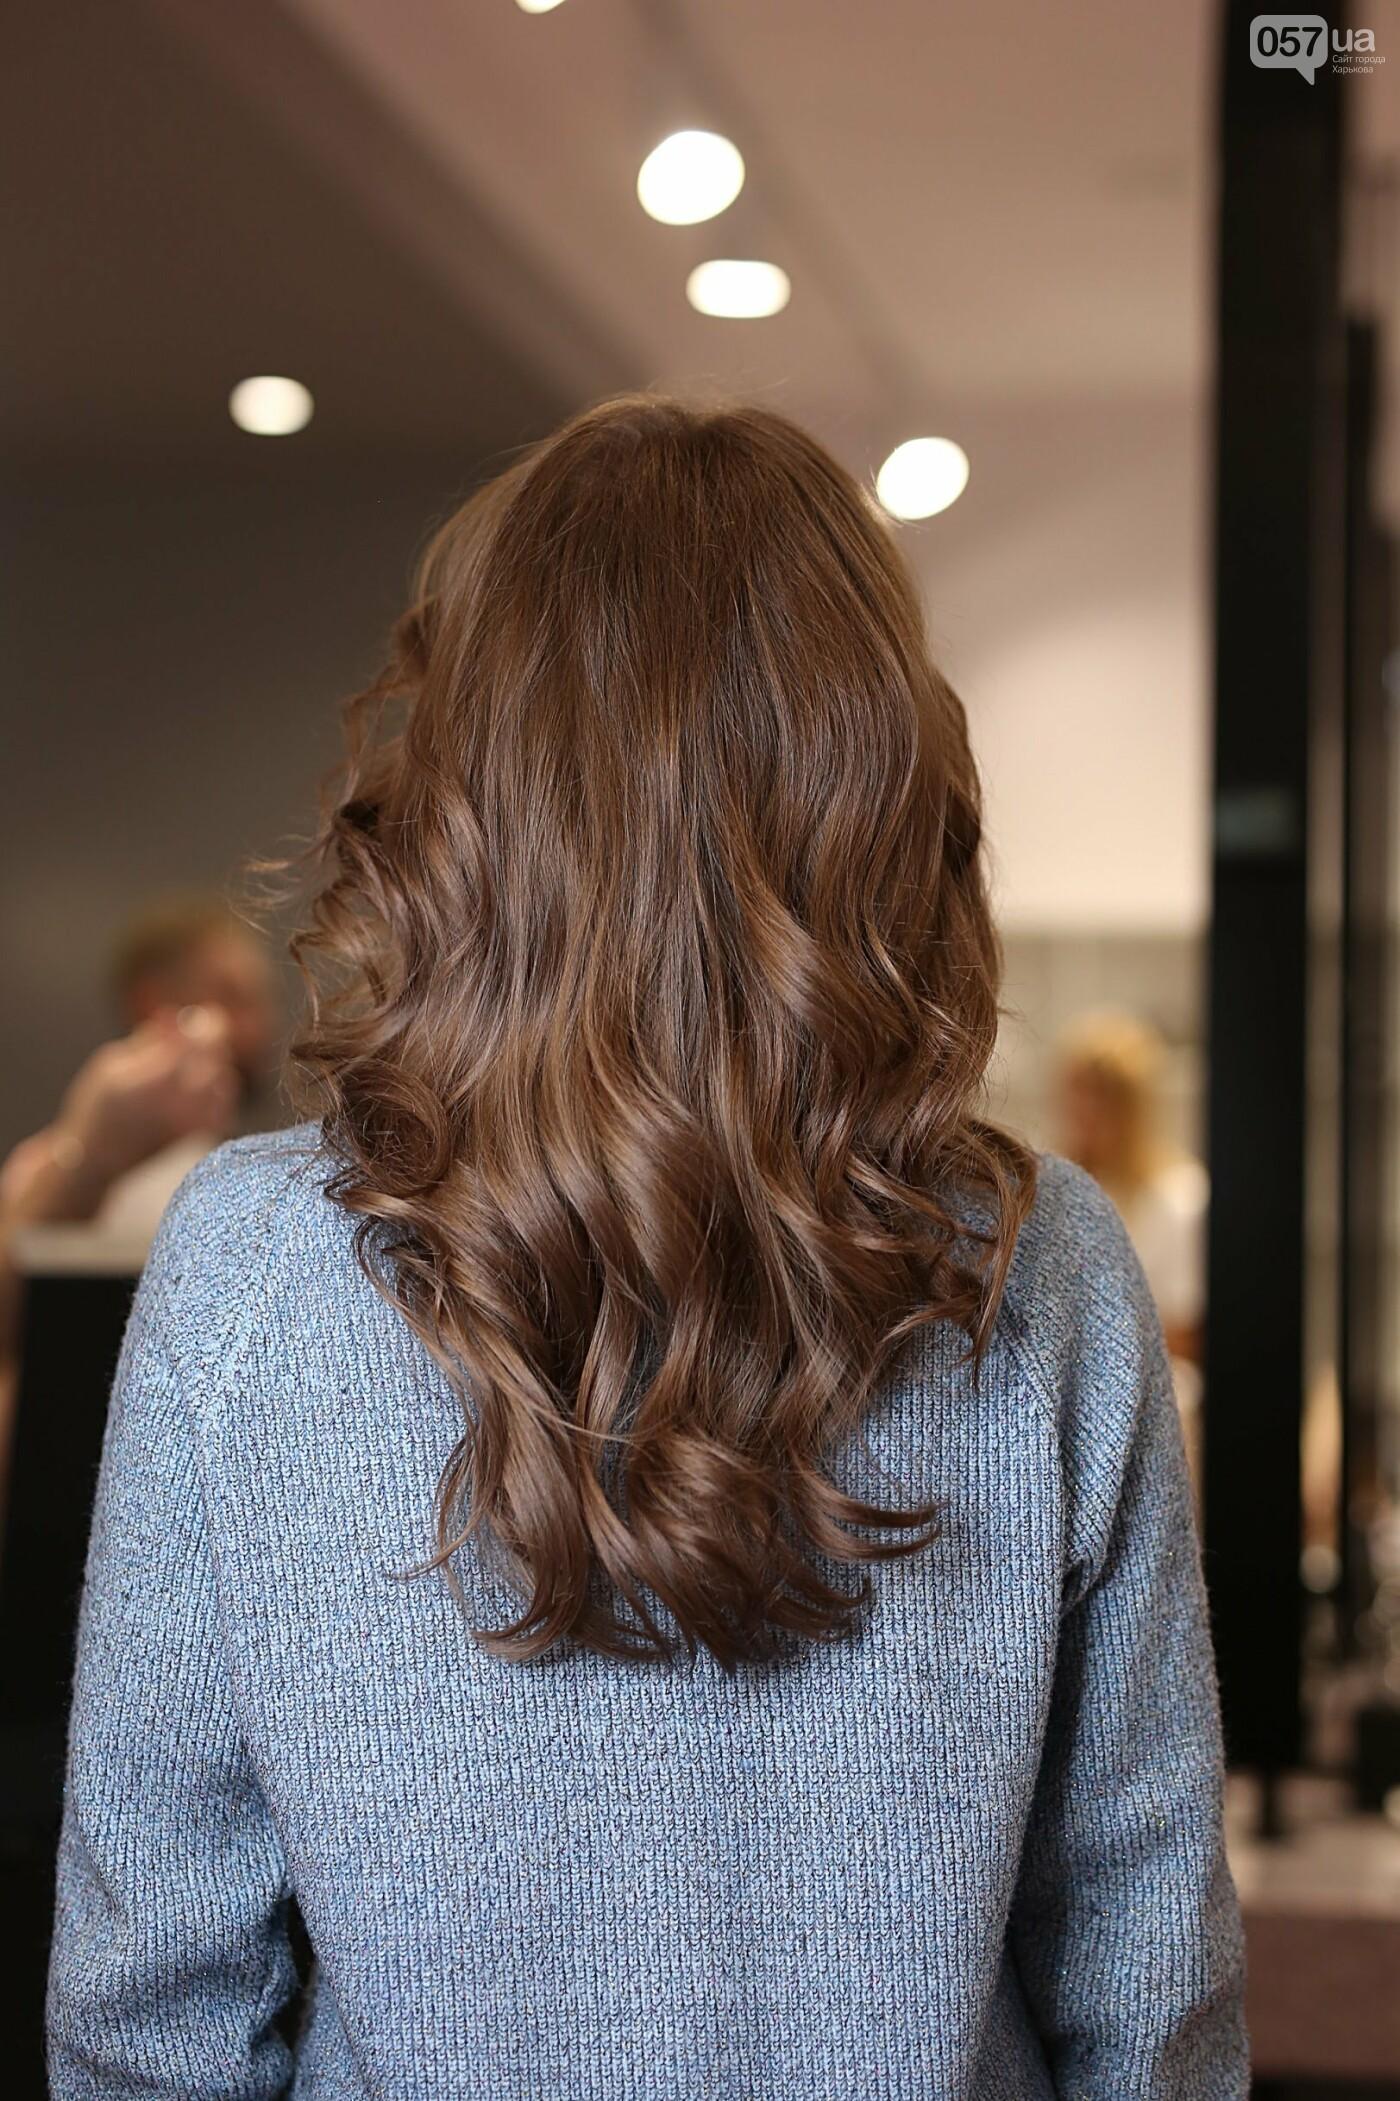 Путь к здоровым и красивым волосам. Советы PIED-DE-POULE, фото-5